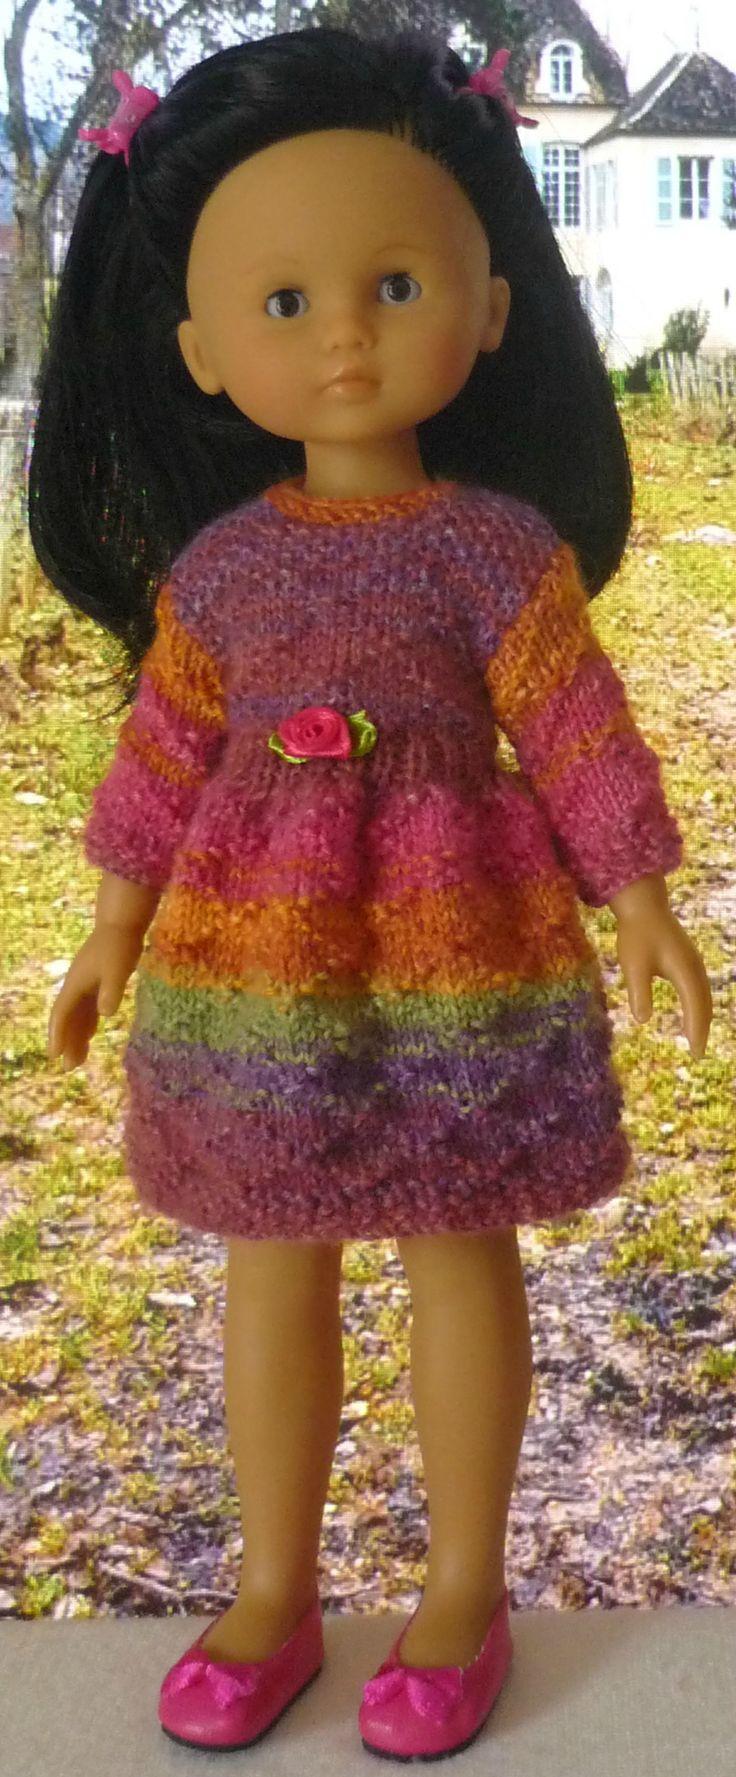 Robe pour poupée Chérie (Adaptation du modèle de Nathalie du blog « Histoires de Poupées » du 20/01/2016): 1) http://marieetlaines.canalblog.com/archives/2016/02/24/33370995.html 2) http://p5.storage.canalblog.com/54/50/1066432/109106424.pdf